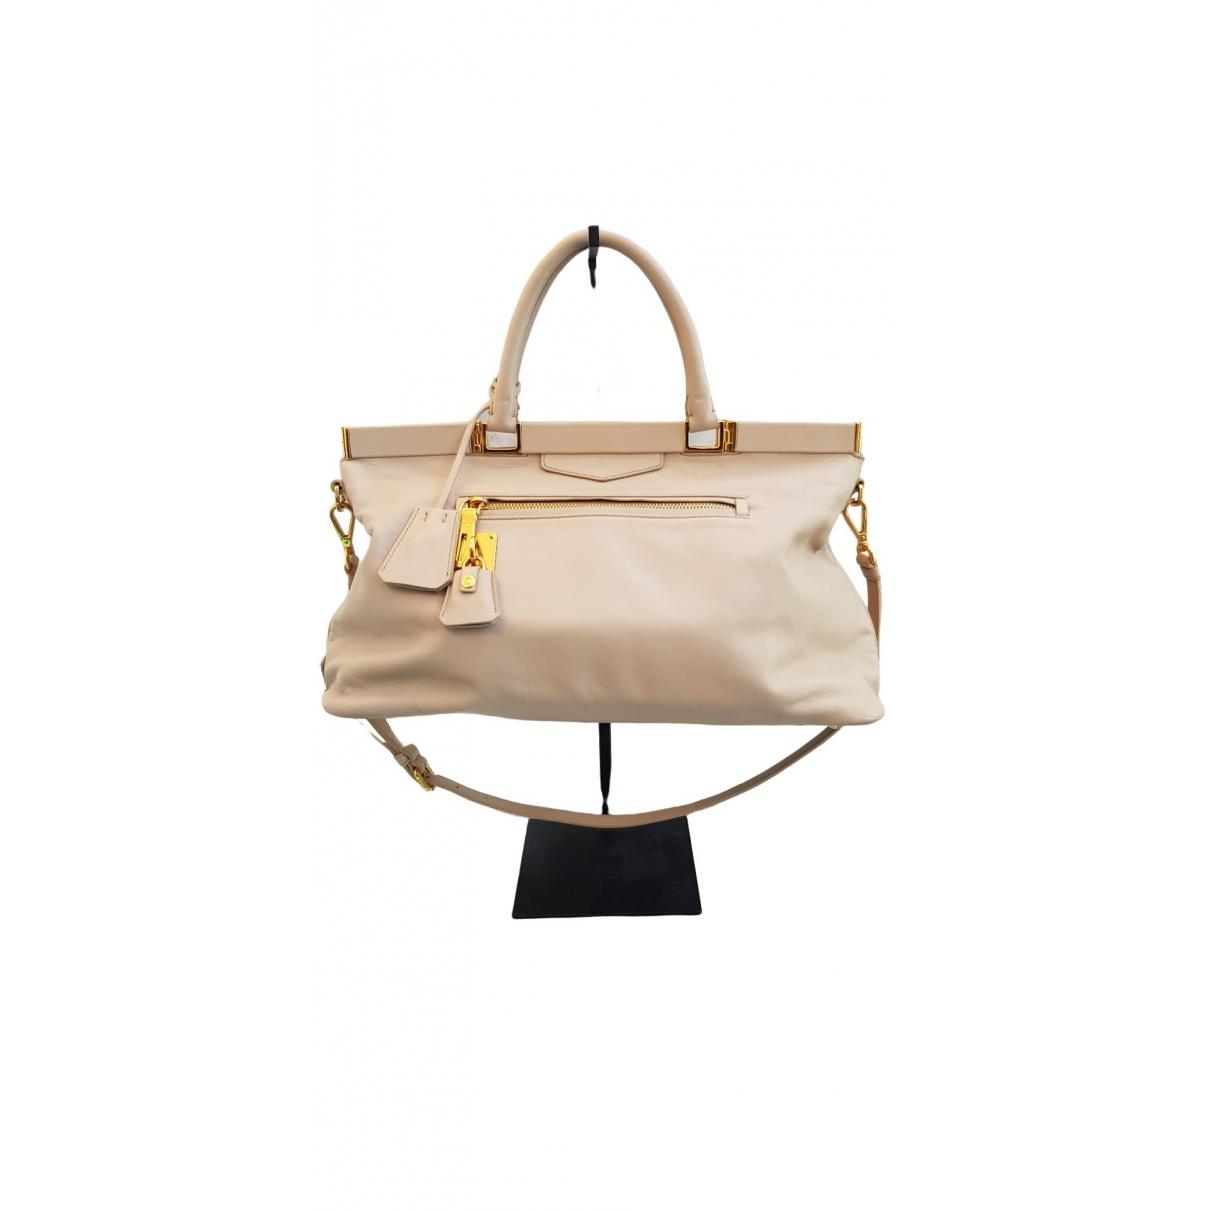 Prada \N Ecru Leather handbag for Women \N